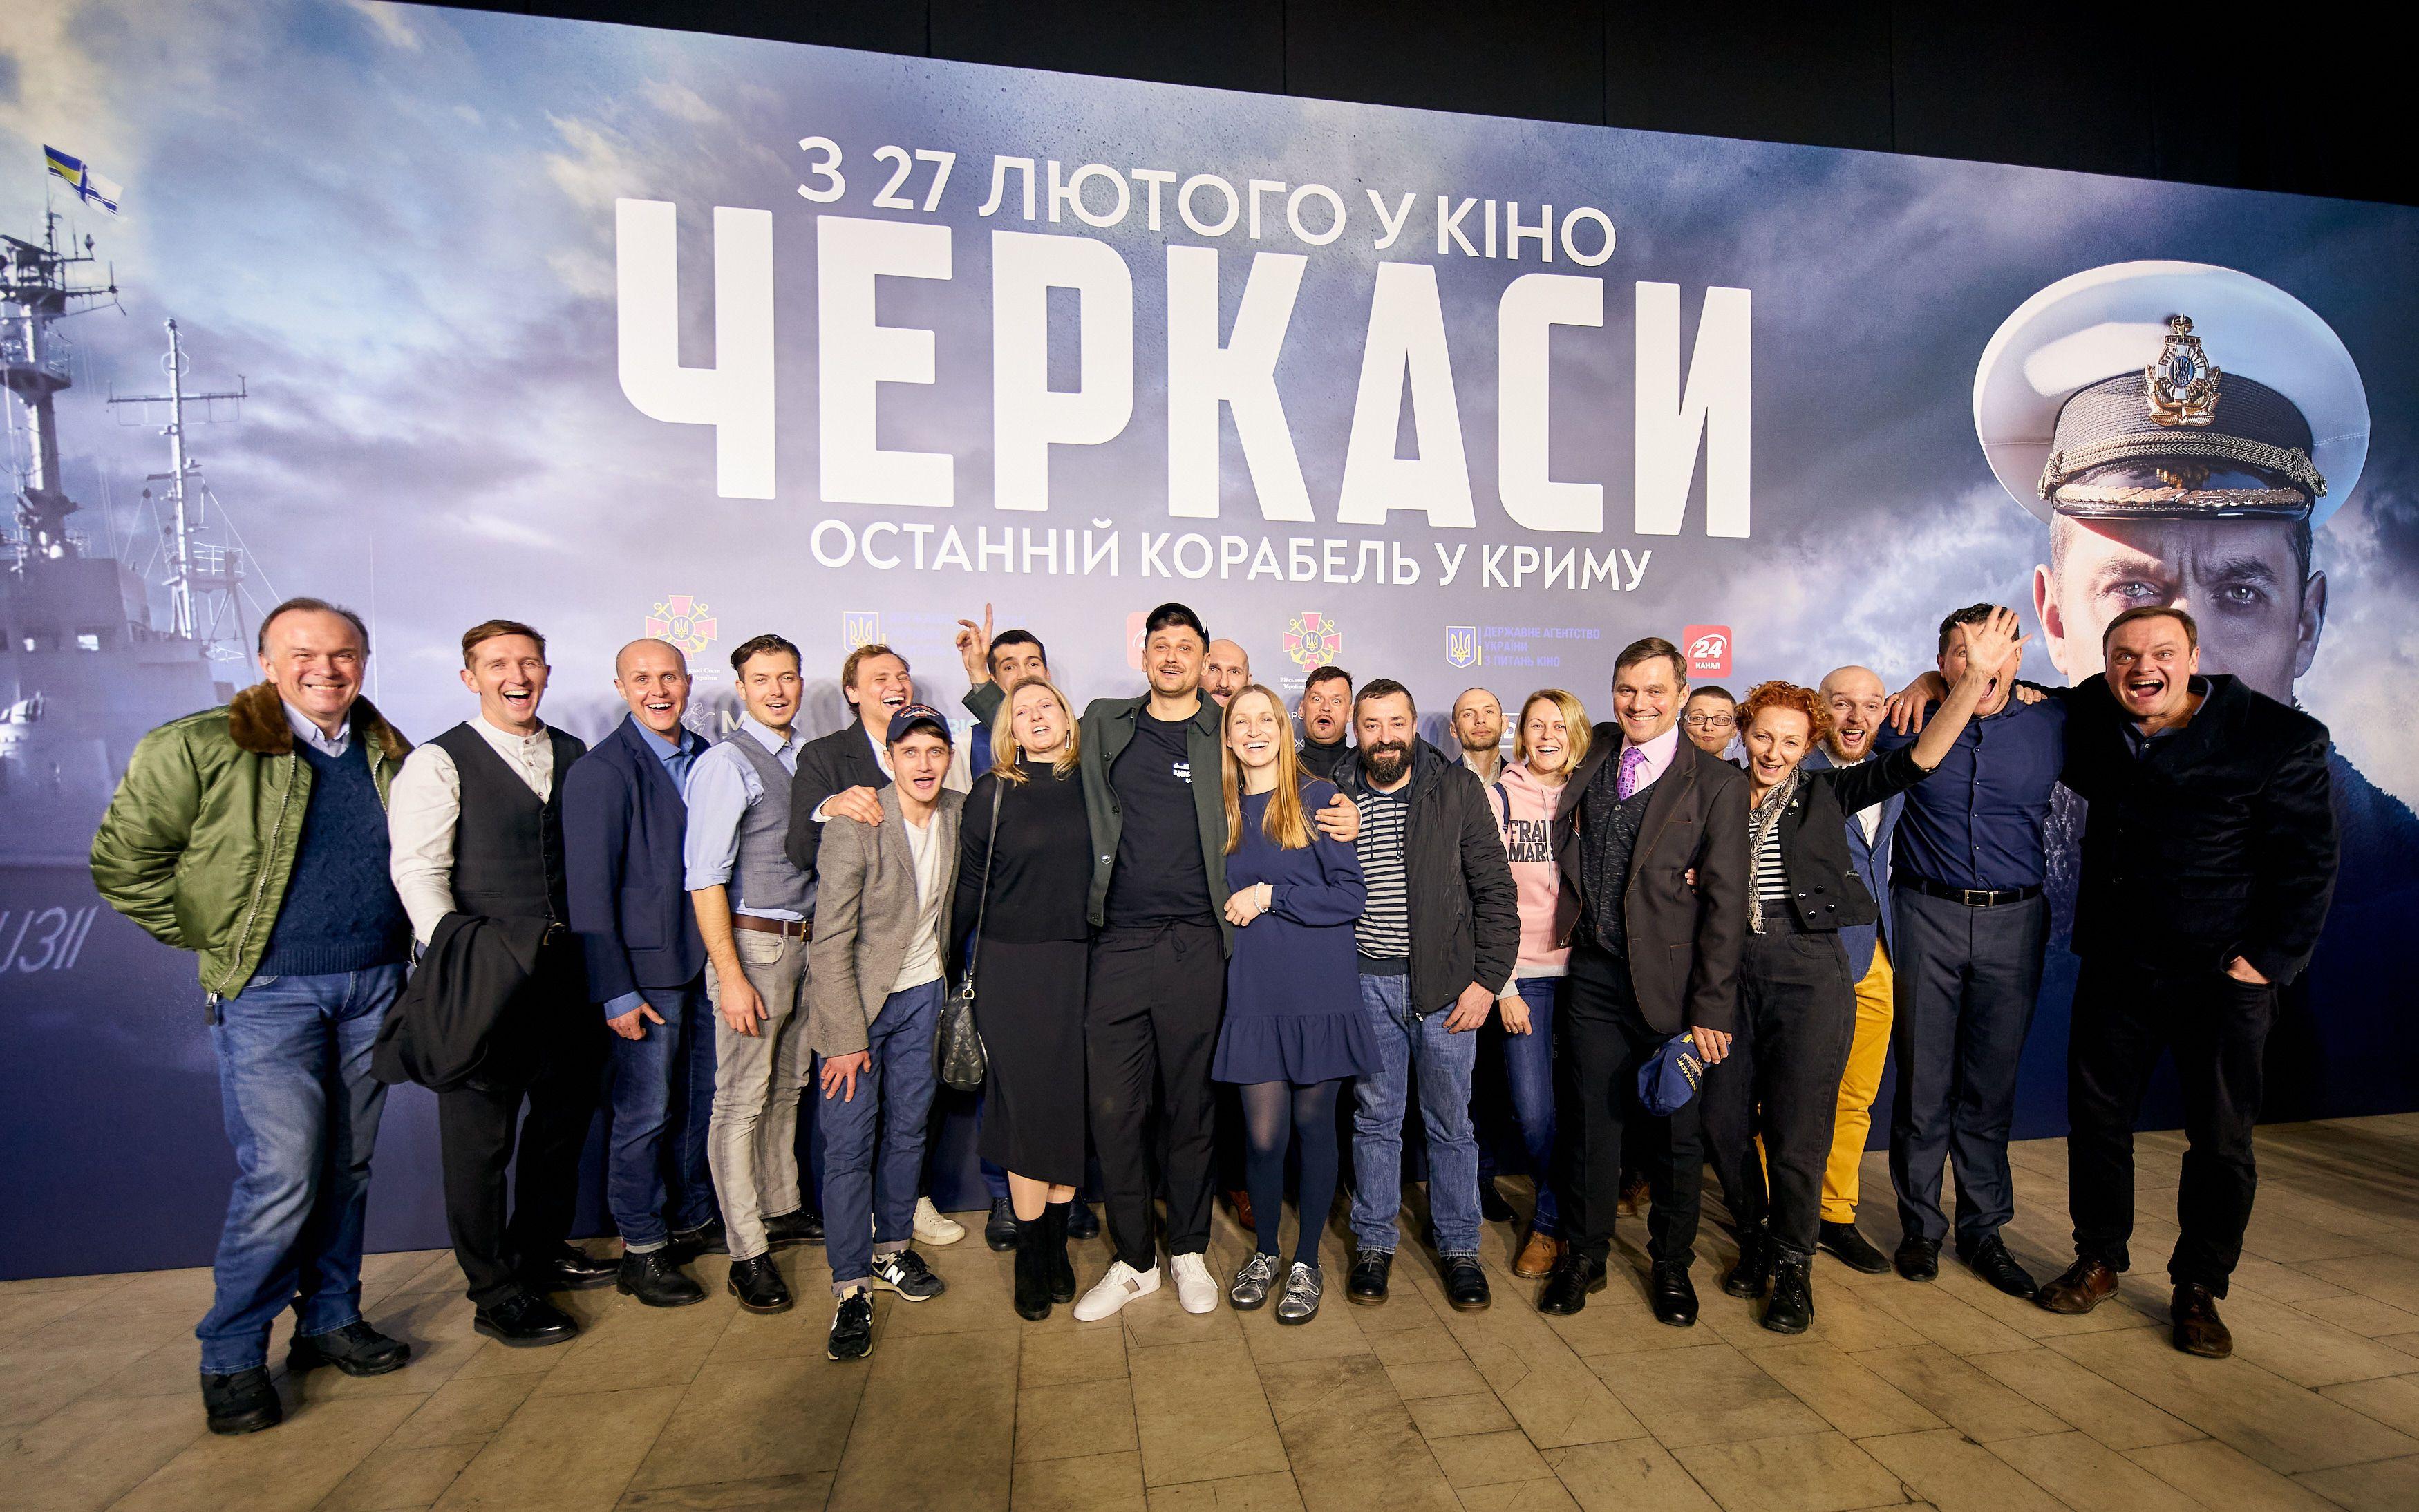 """Прем'єра фільму """"Черкаси""""_26"""